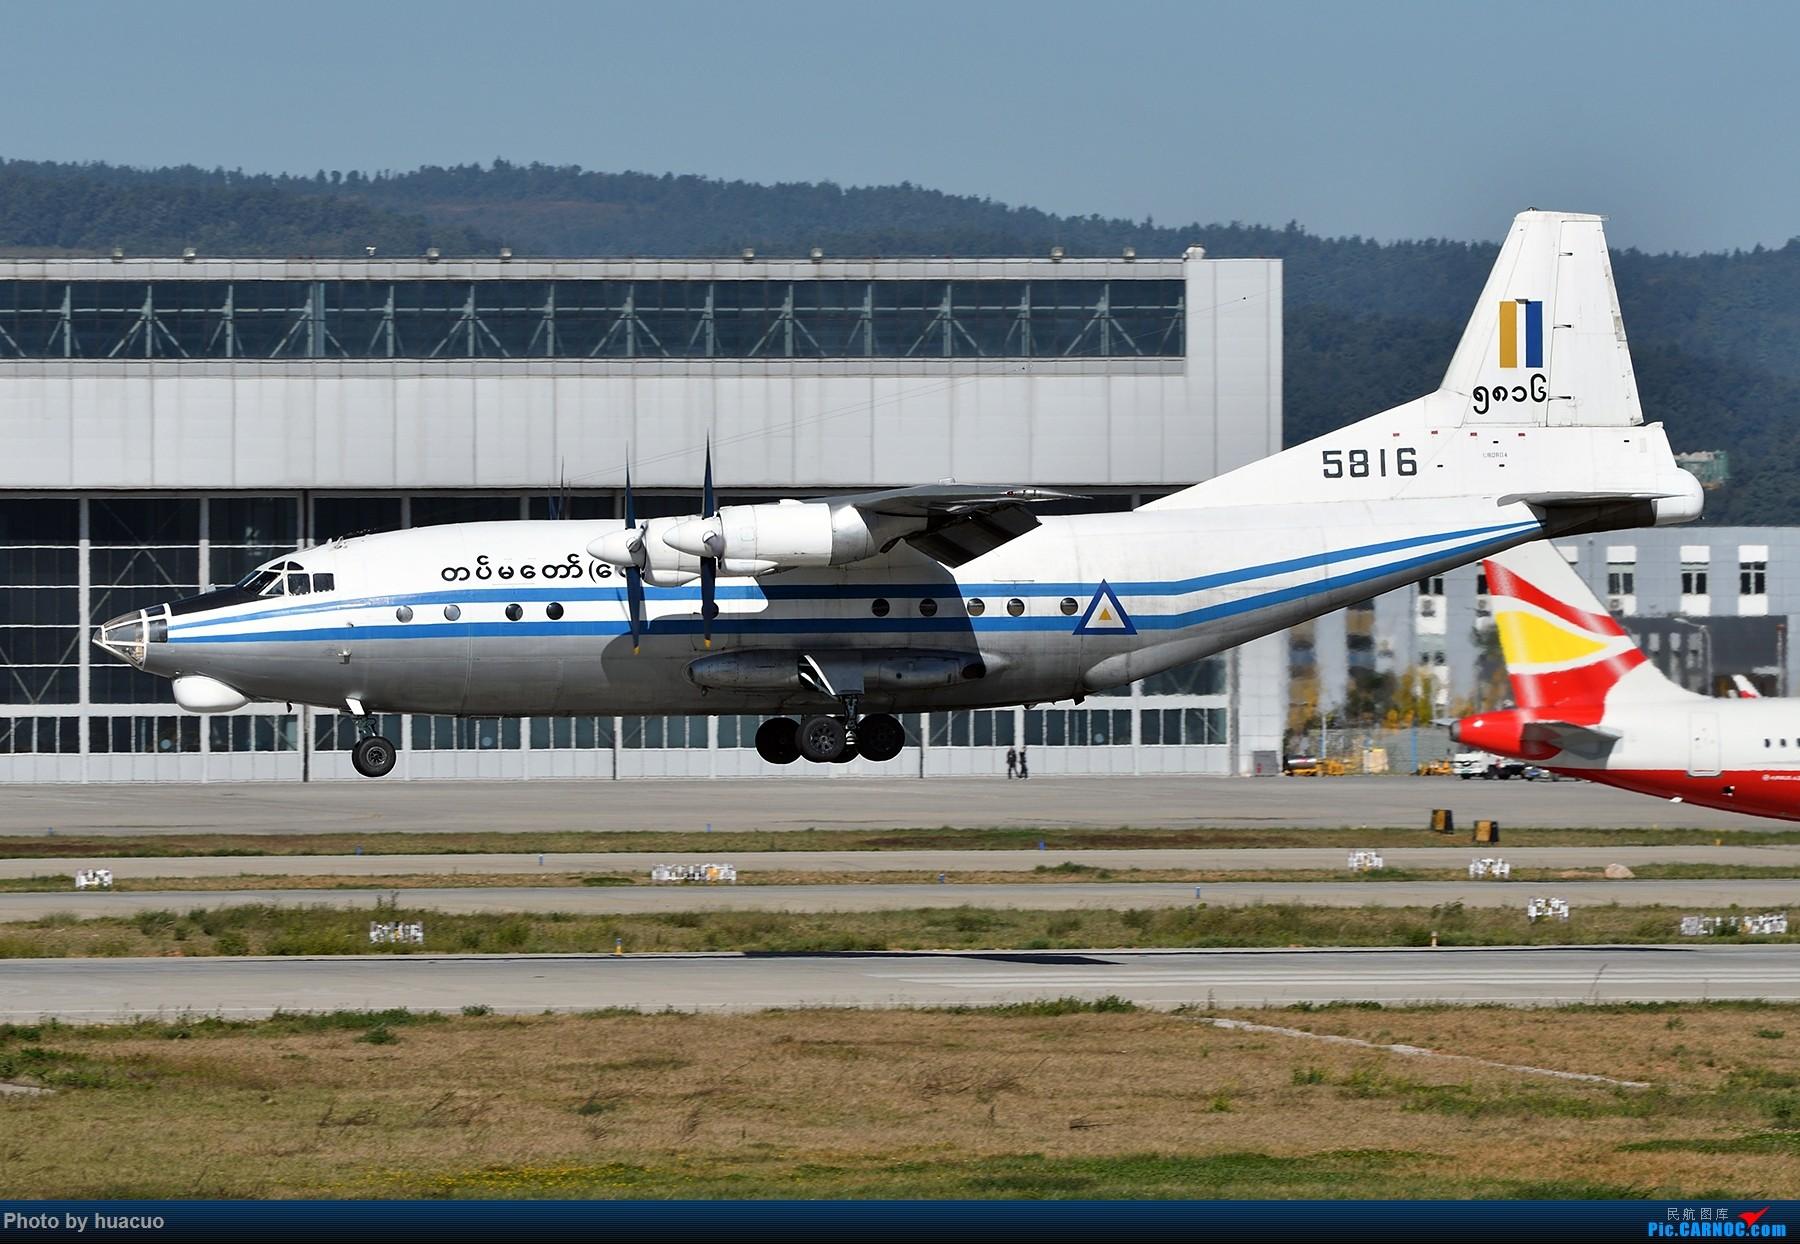 [原创]【KMG】运-8来了 运-8 5816 中国昆明长水国际机场